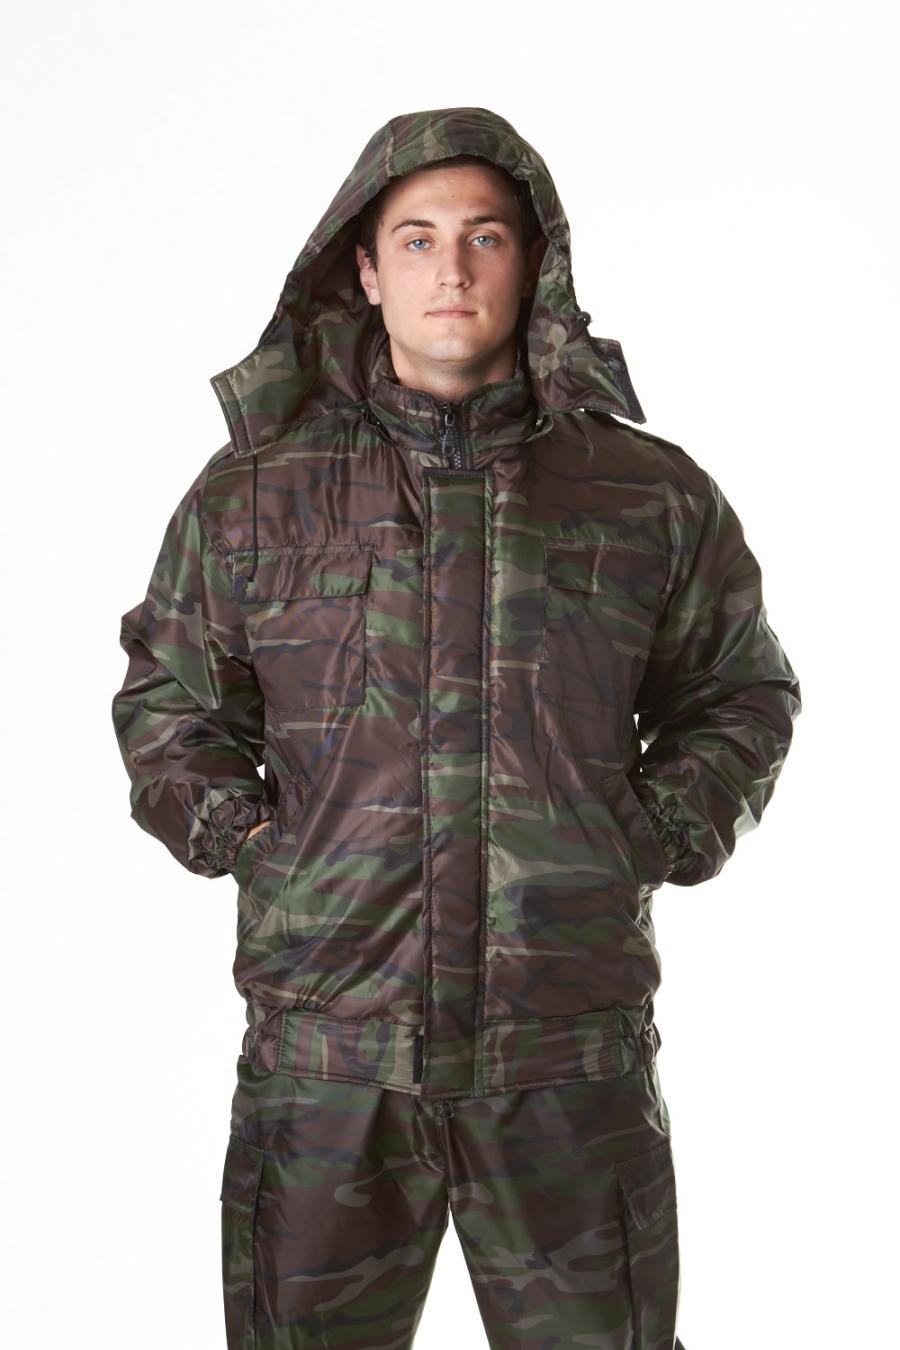 Куртка для охоты и рыбалки Осень влагозащитная утепленная с капюшономОдежда для охоты и рыбалки<br><br><br>Размер: 50